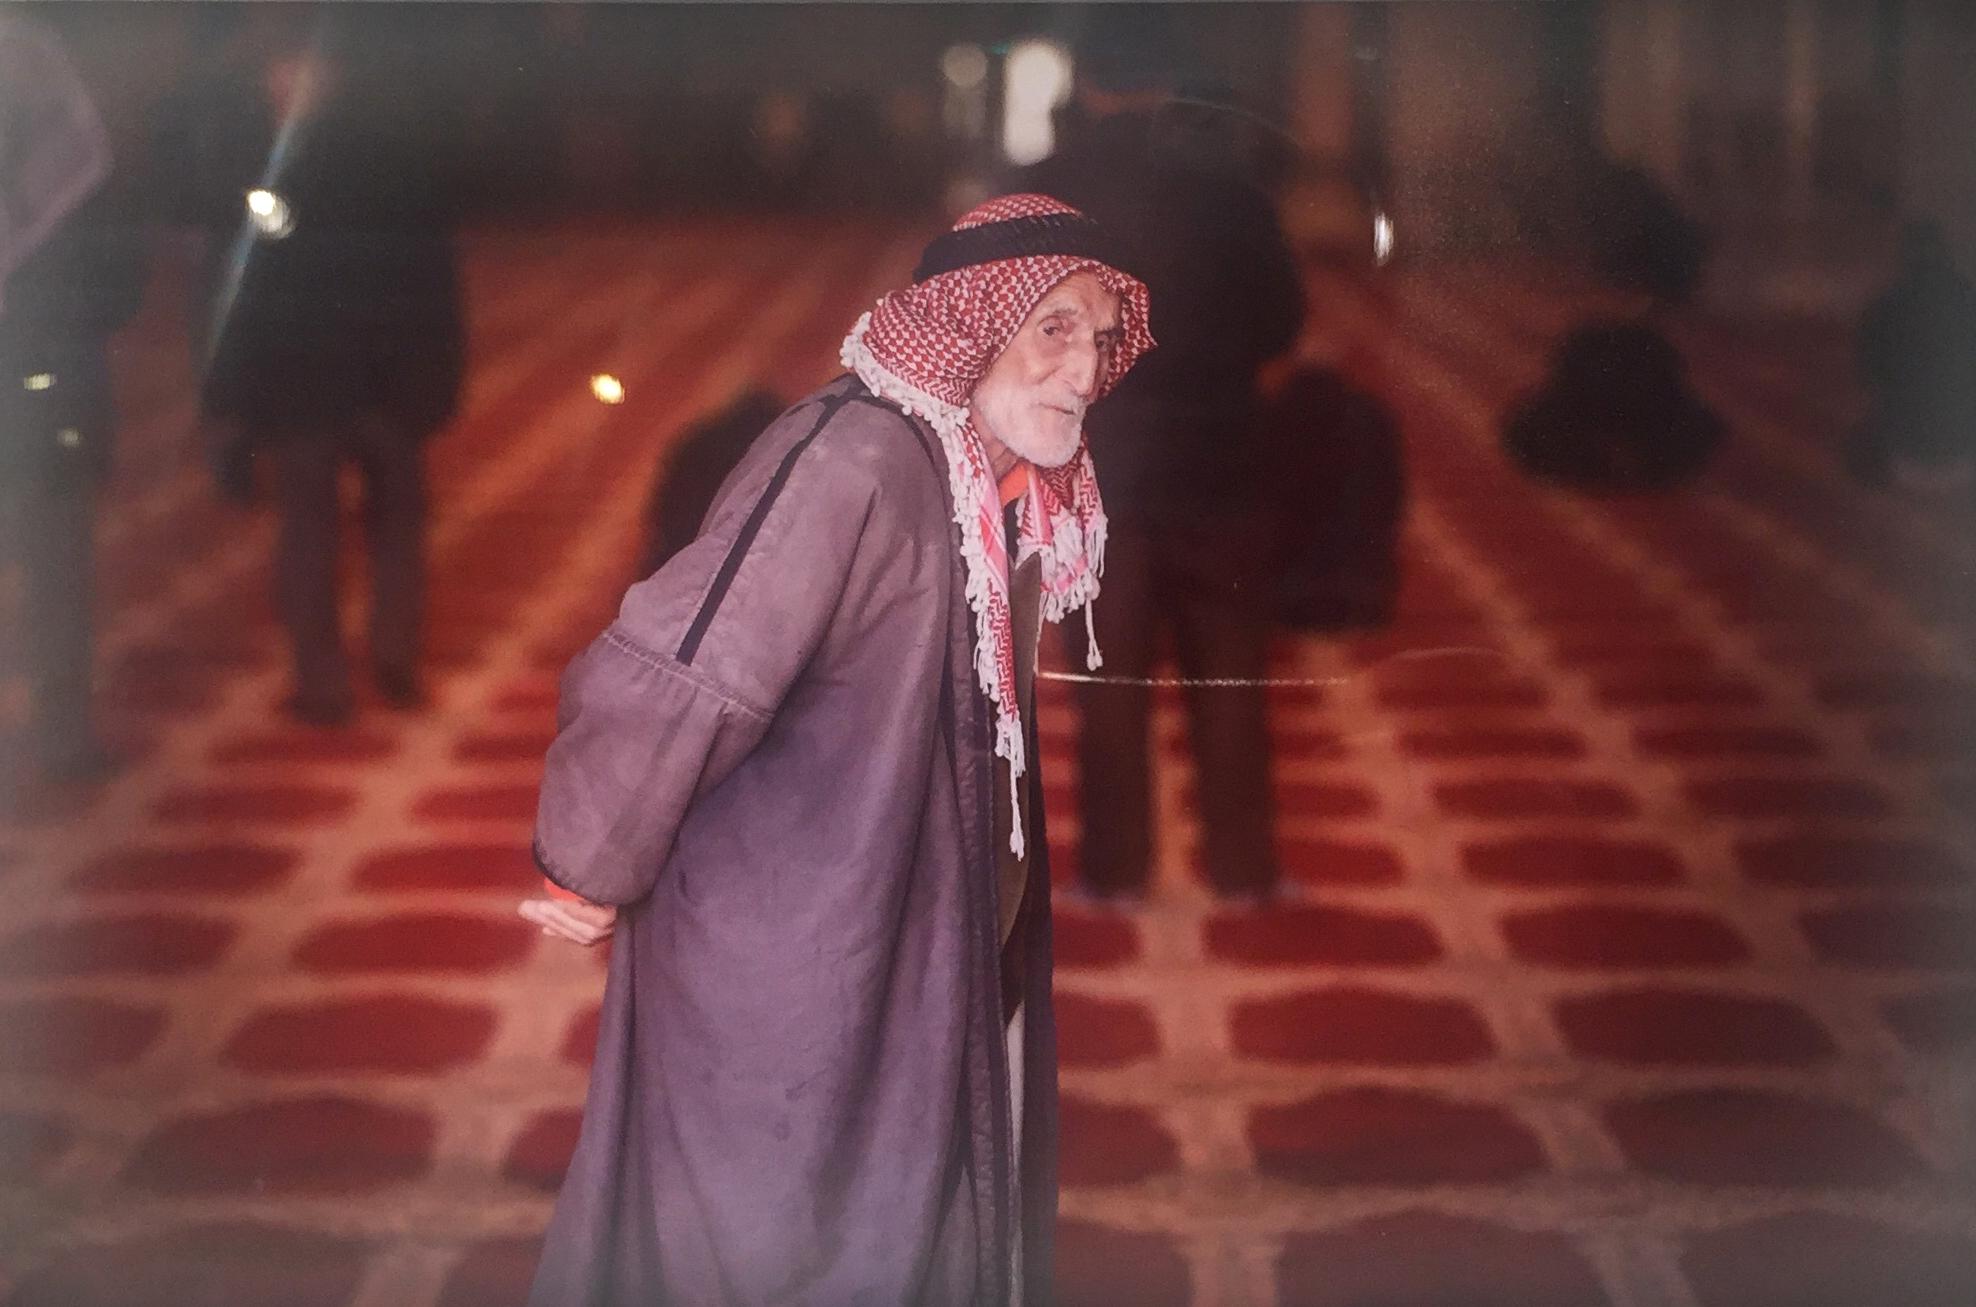 Wandering in al-Aqsa